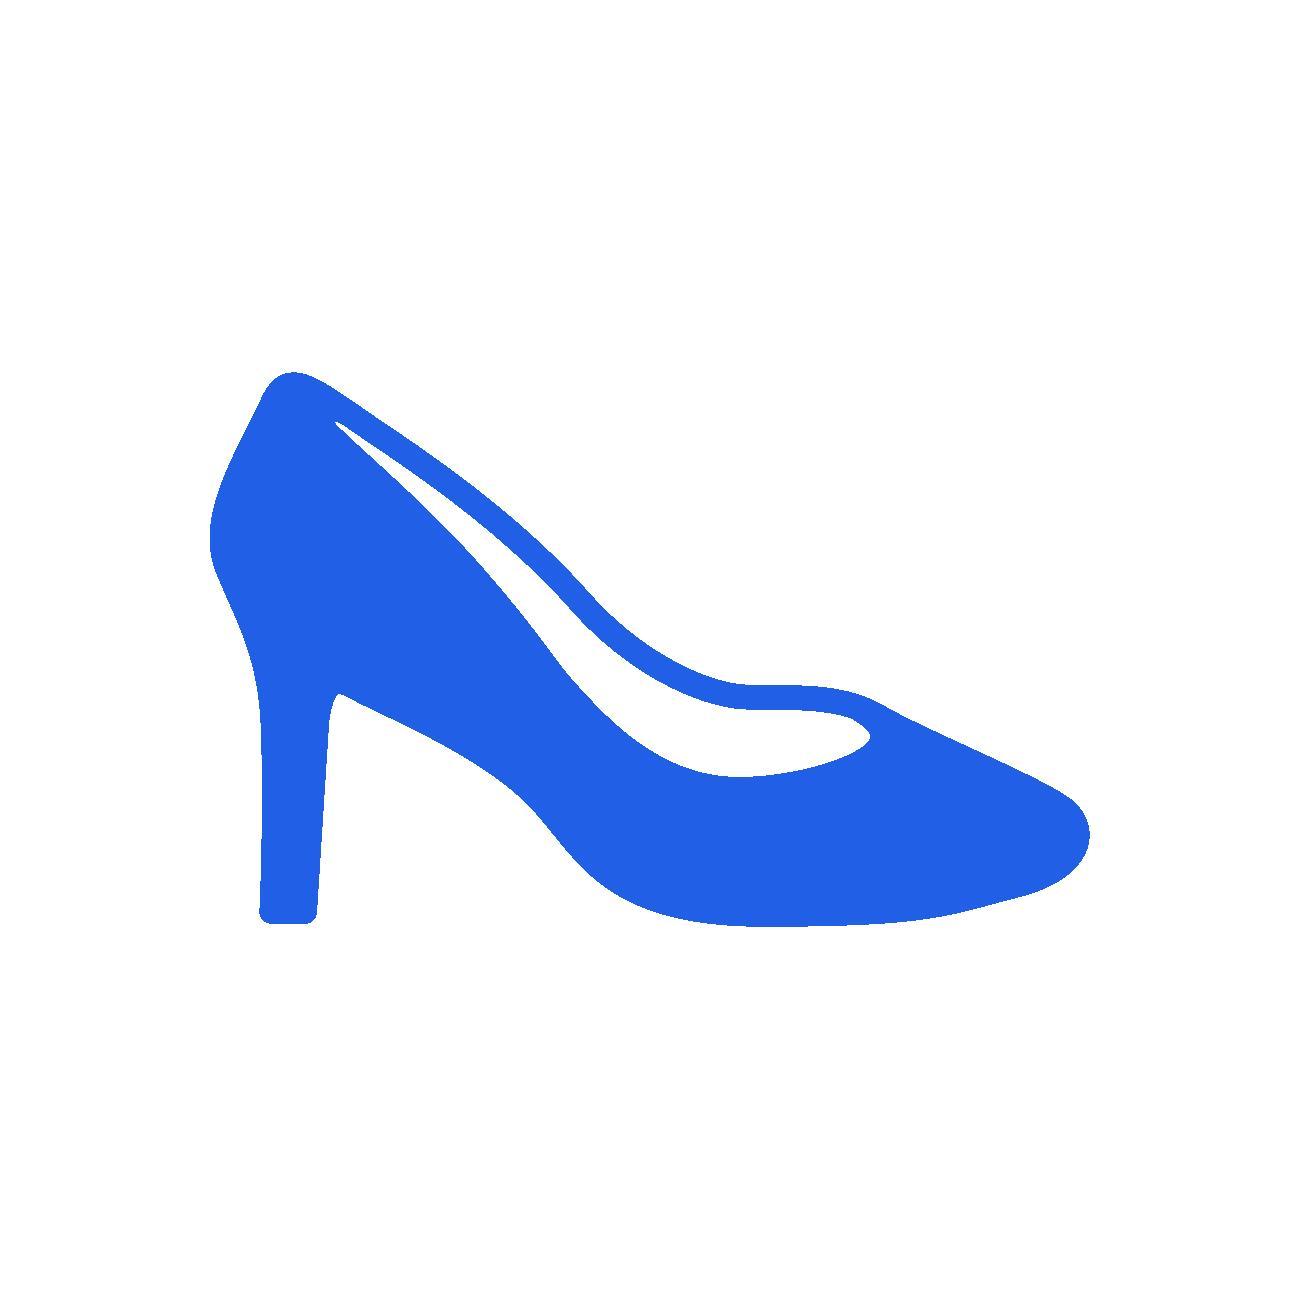 セミフォーマル女性のコーデで昼なら靴や鞄など小物どうする?